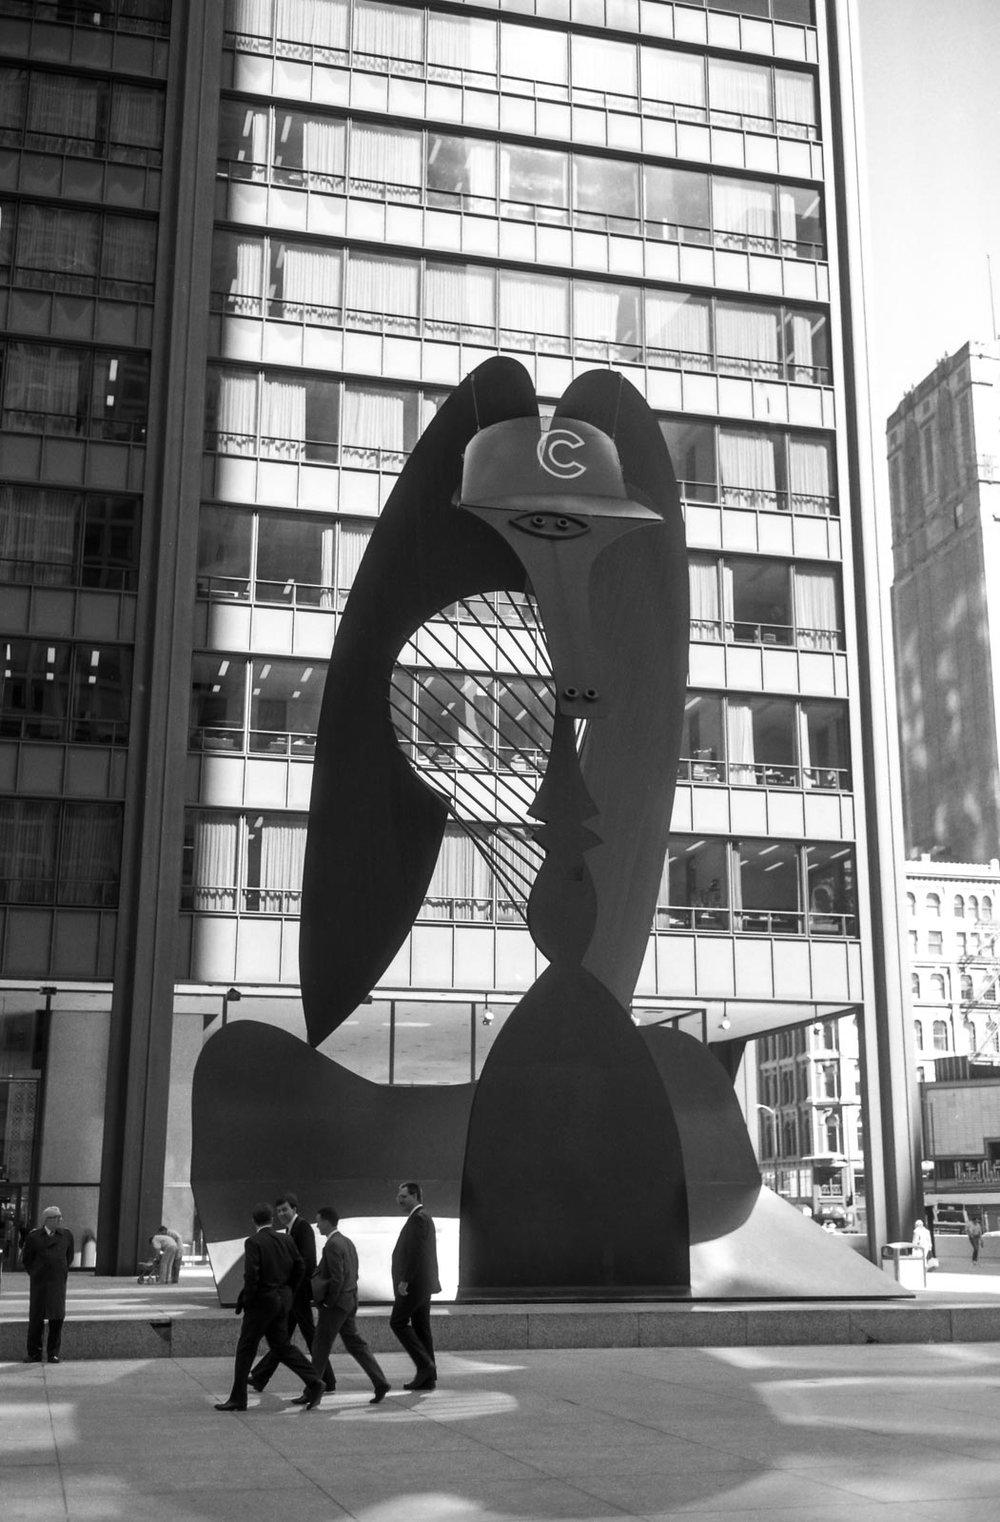 La casquette de Picasso, Chicago 1989